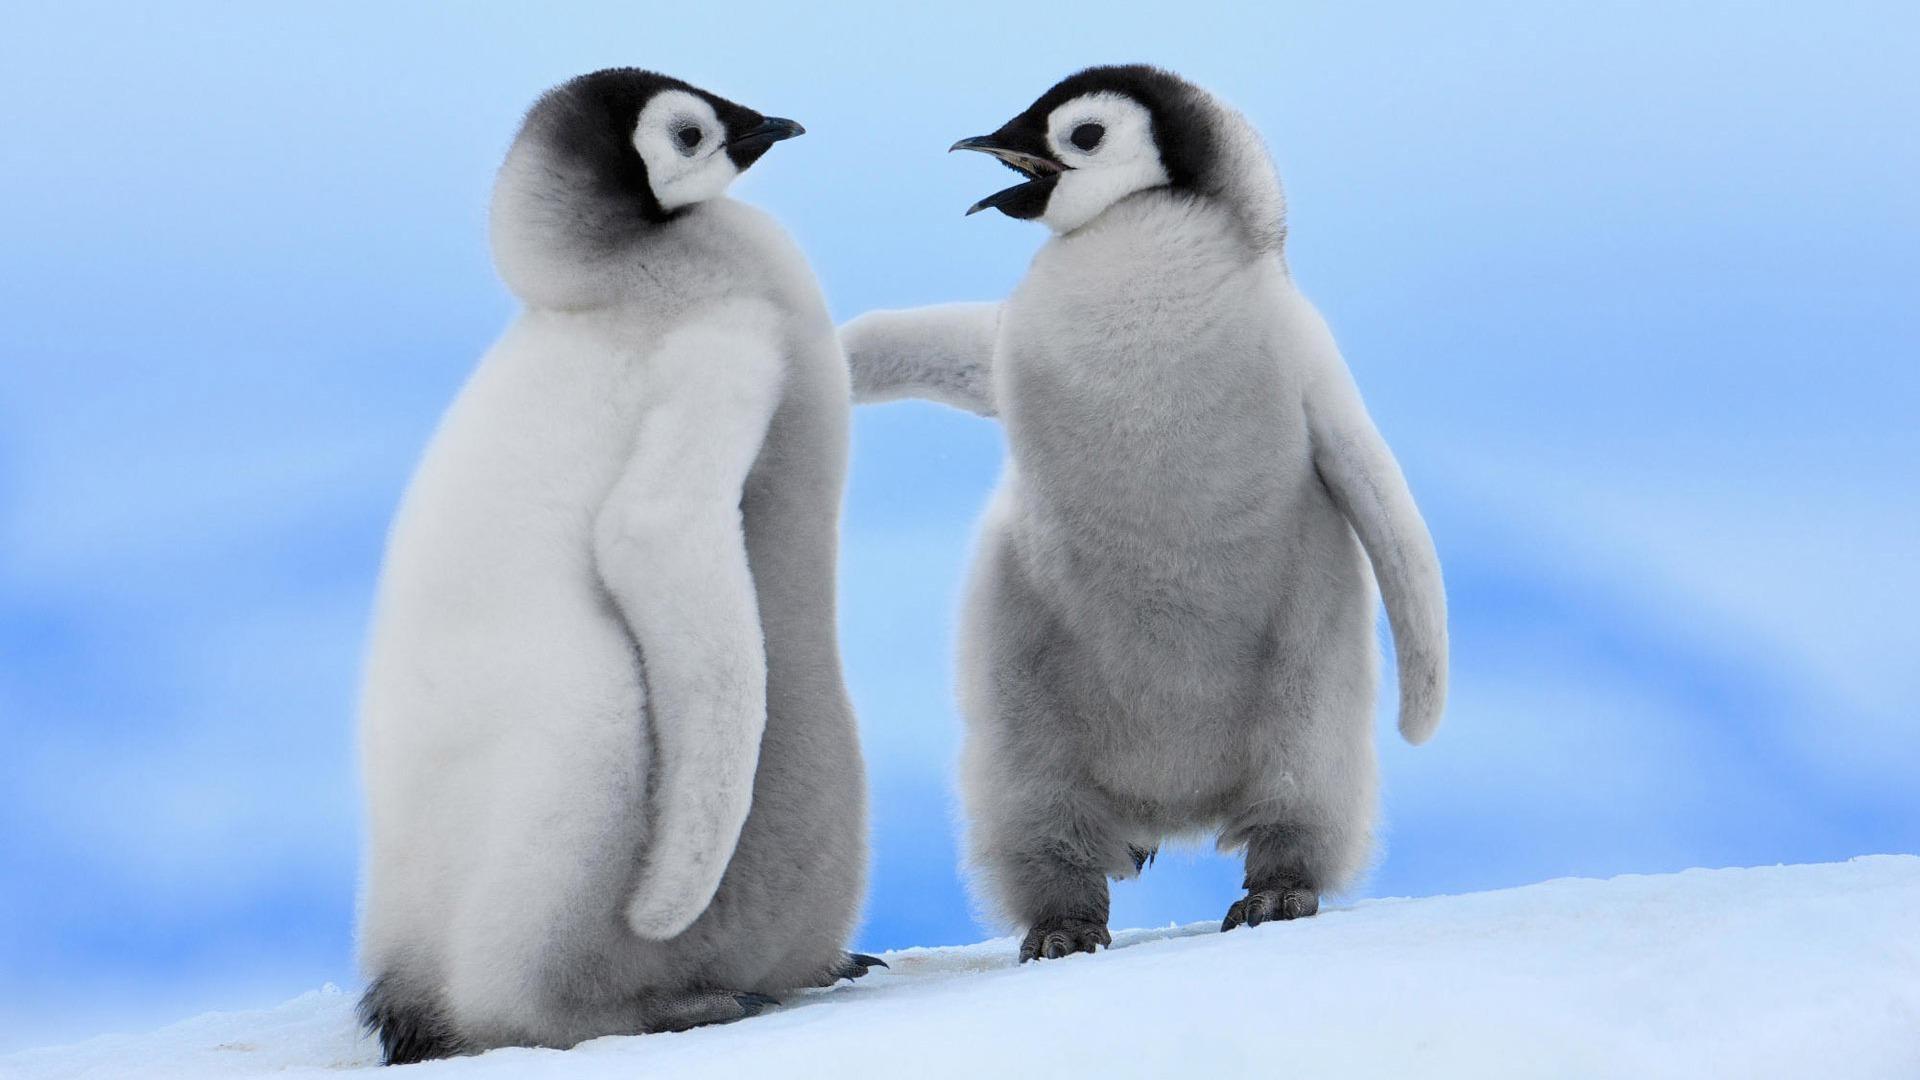 Baby Penguin Desktop Wallpaper Px, - Just Born Baby Penguin , HD Wallpaper & Backgrounds